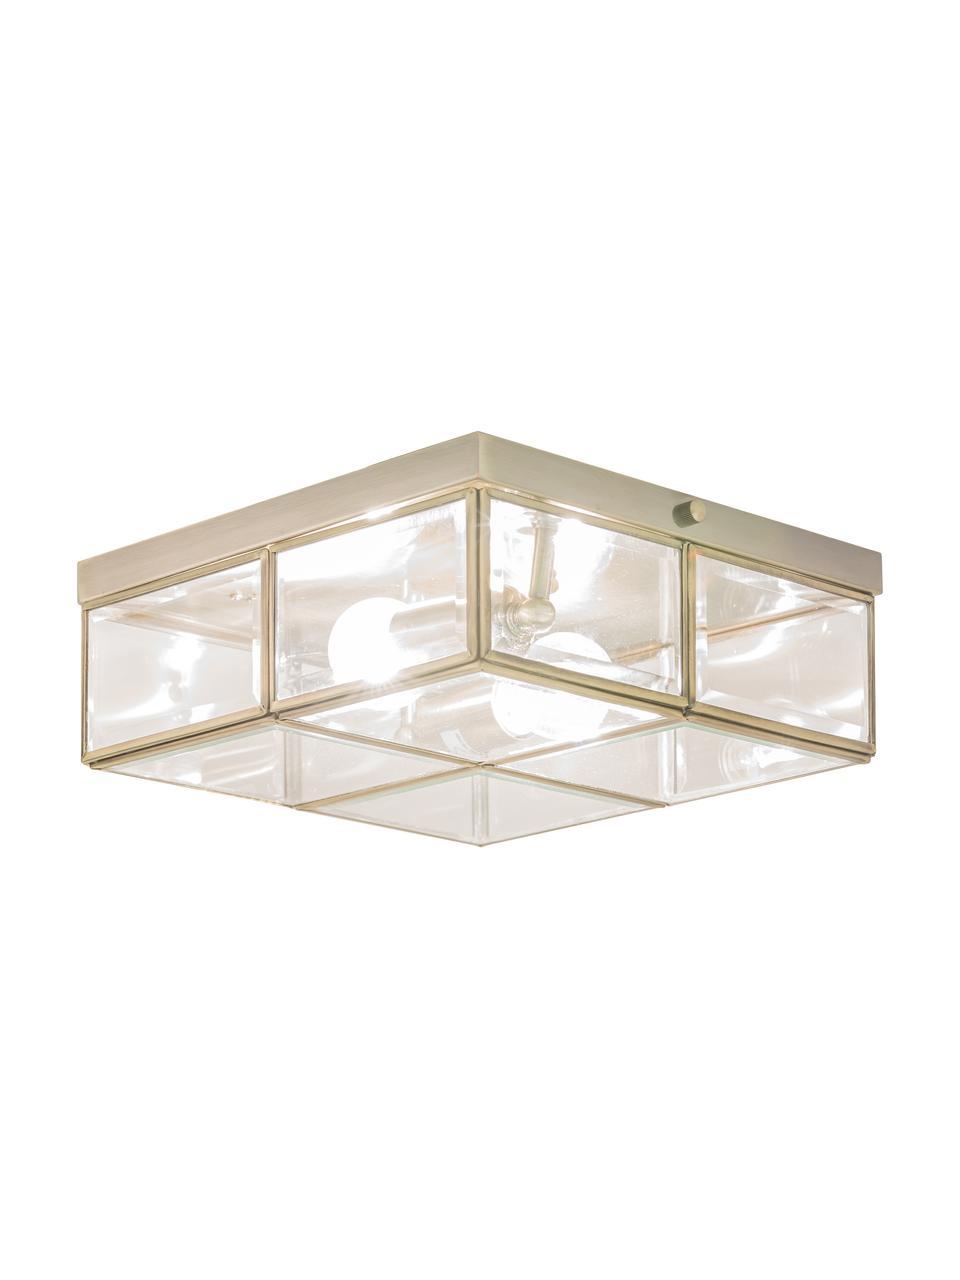 Mała lampa sufitowa Ben, Odcienie mosiądzu, transparentny, S 26 x W 10 cm